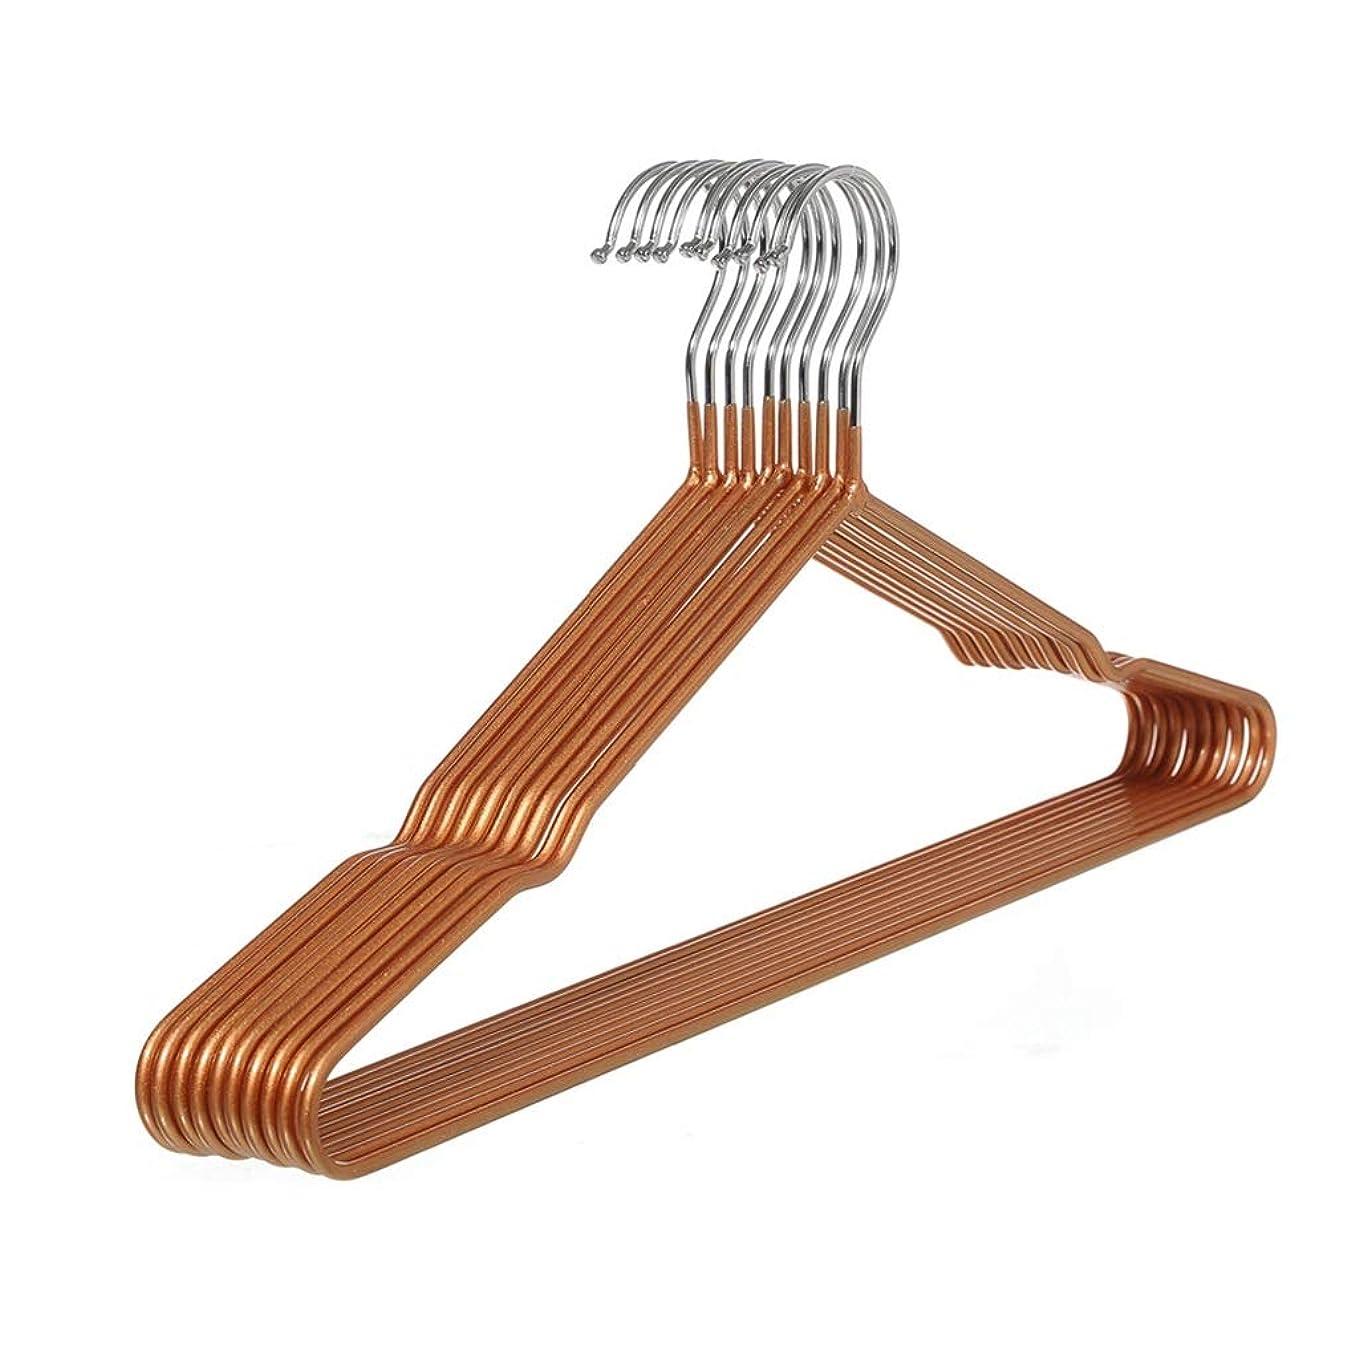 振動する懸念製作10ピースステンレスハンガー、衣服/ズボン/標準スーツハンガー、ディップ乾燥衣類ハンガー、衣類ラック